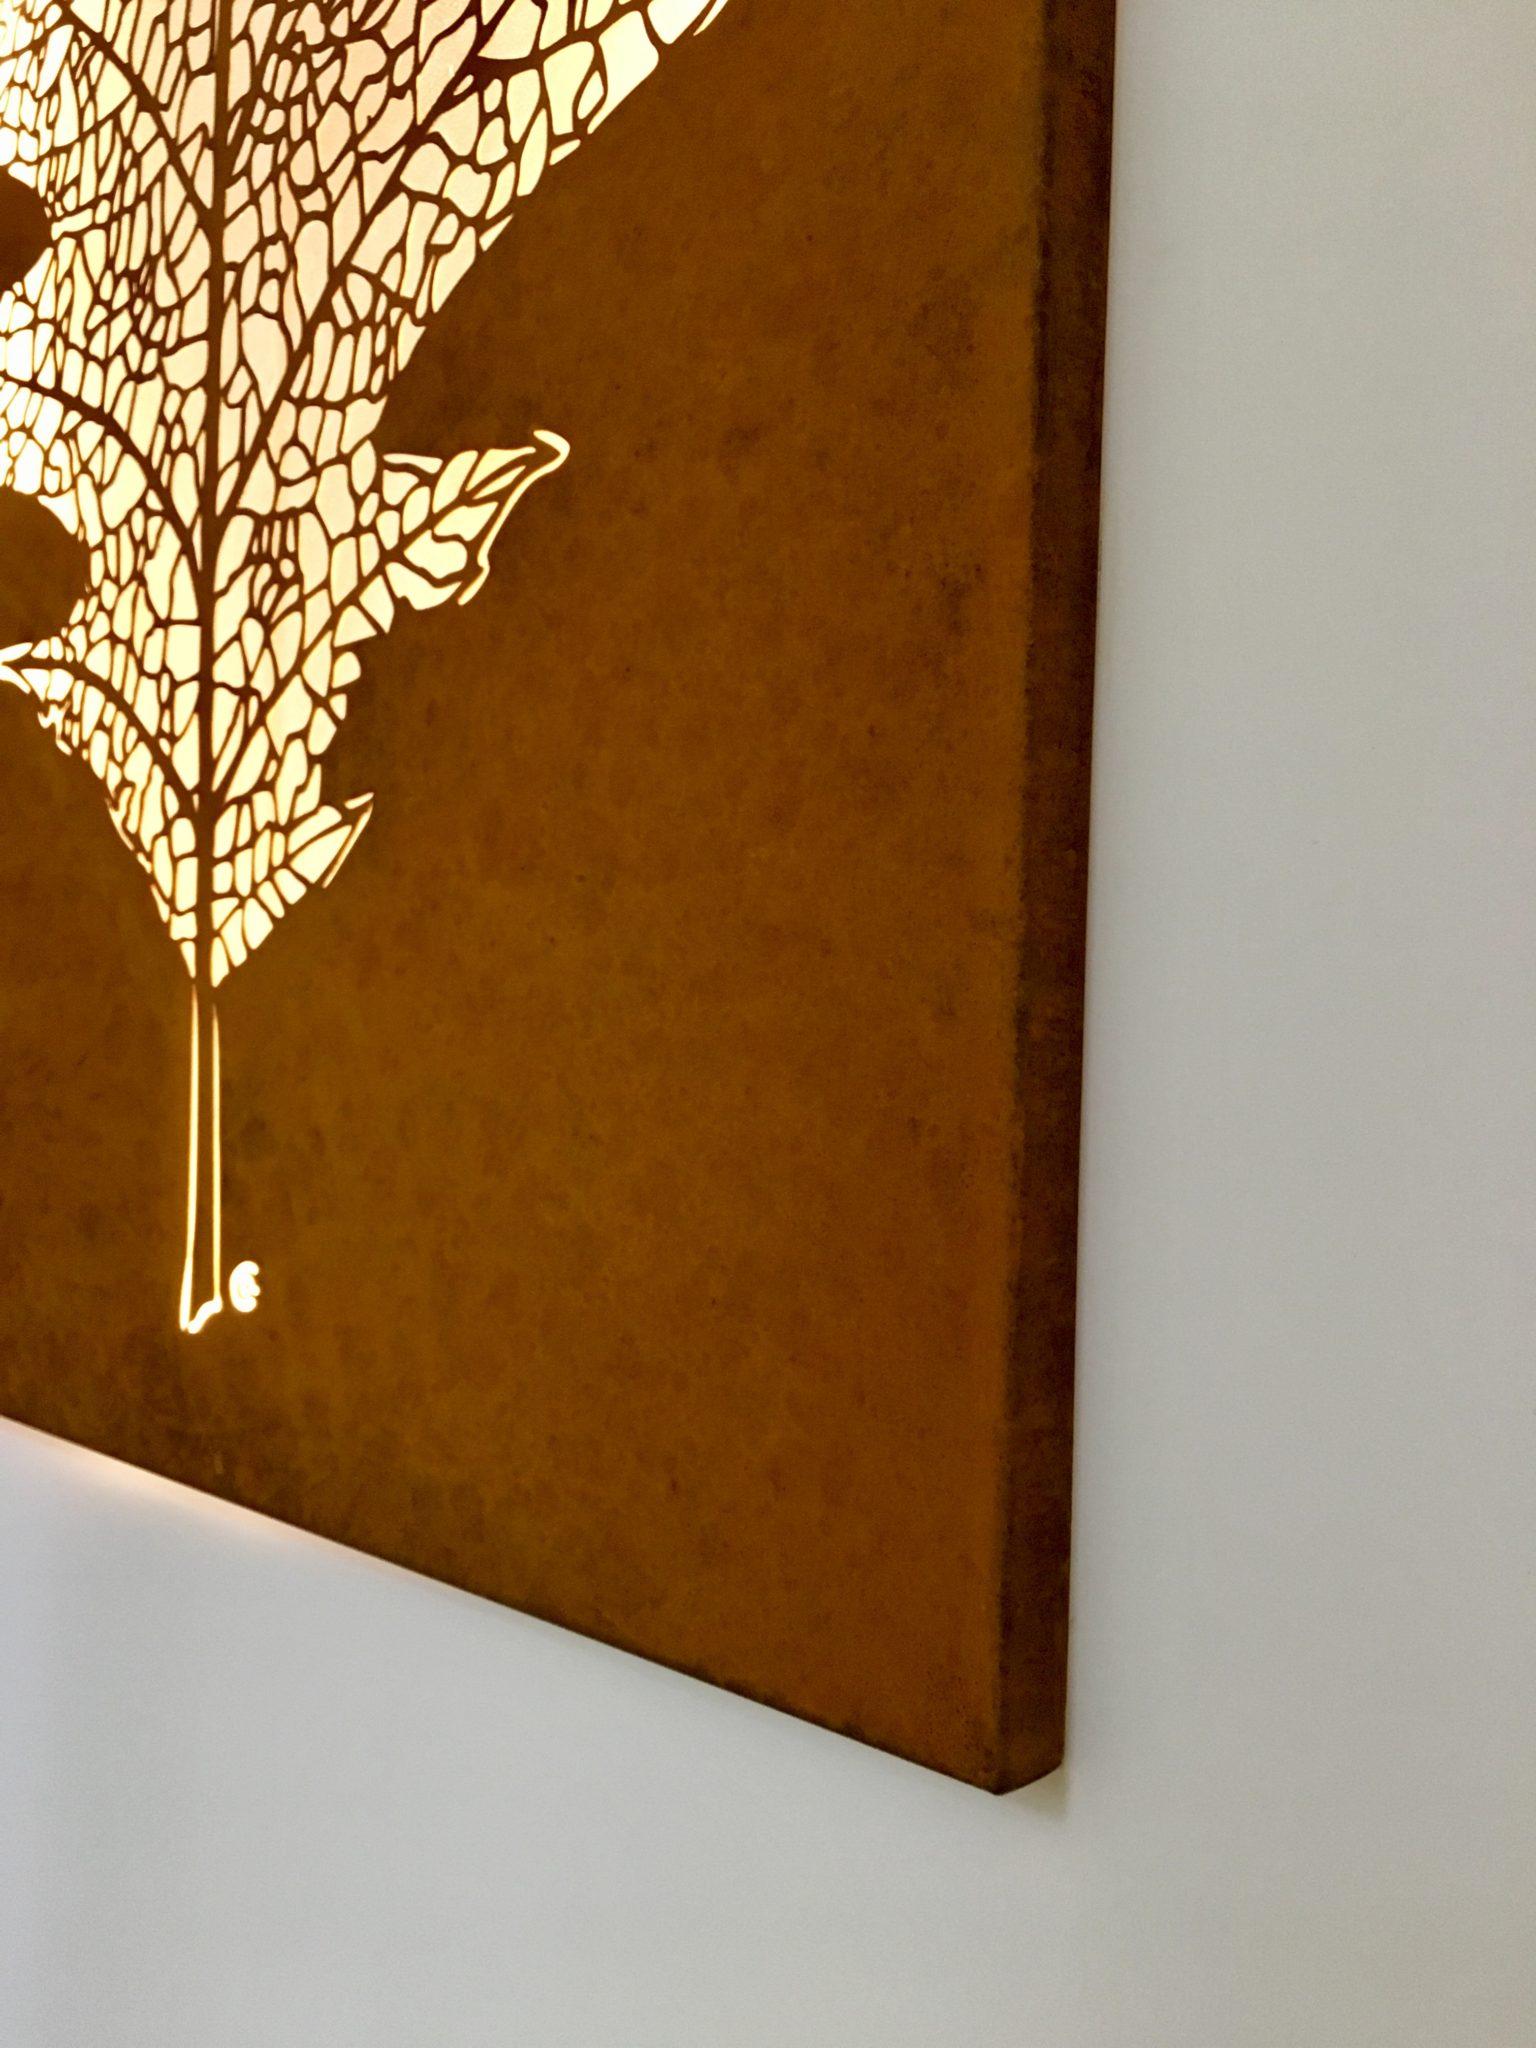 Obraz-metalowy-na-ścianę-liść-dębu_2